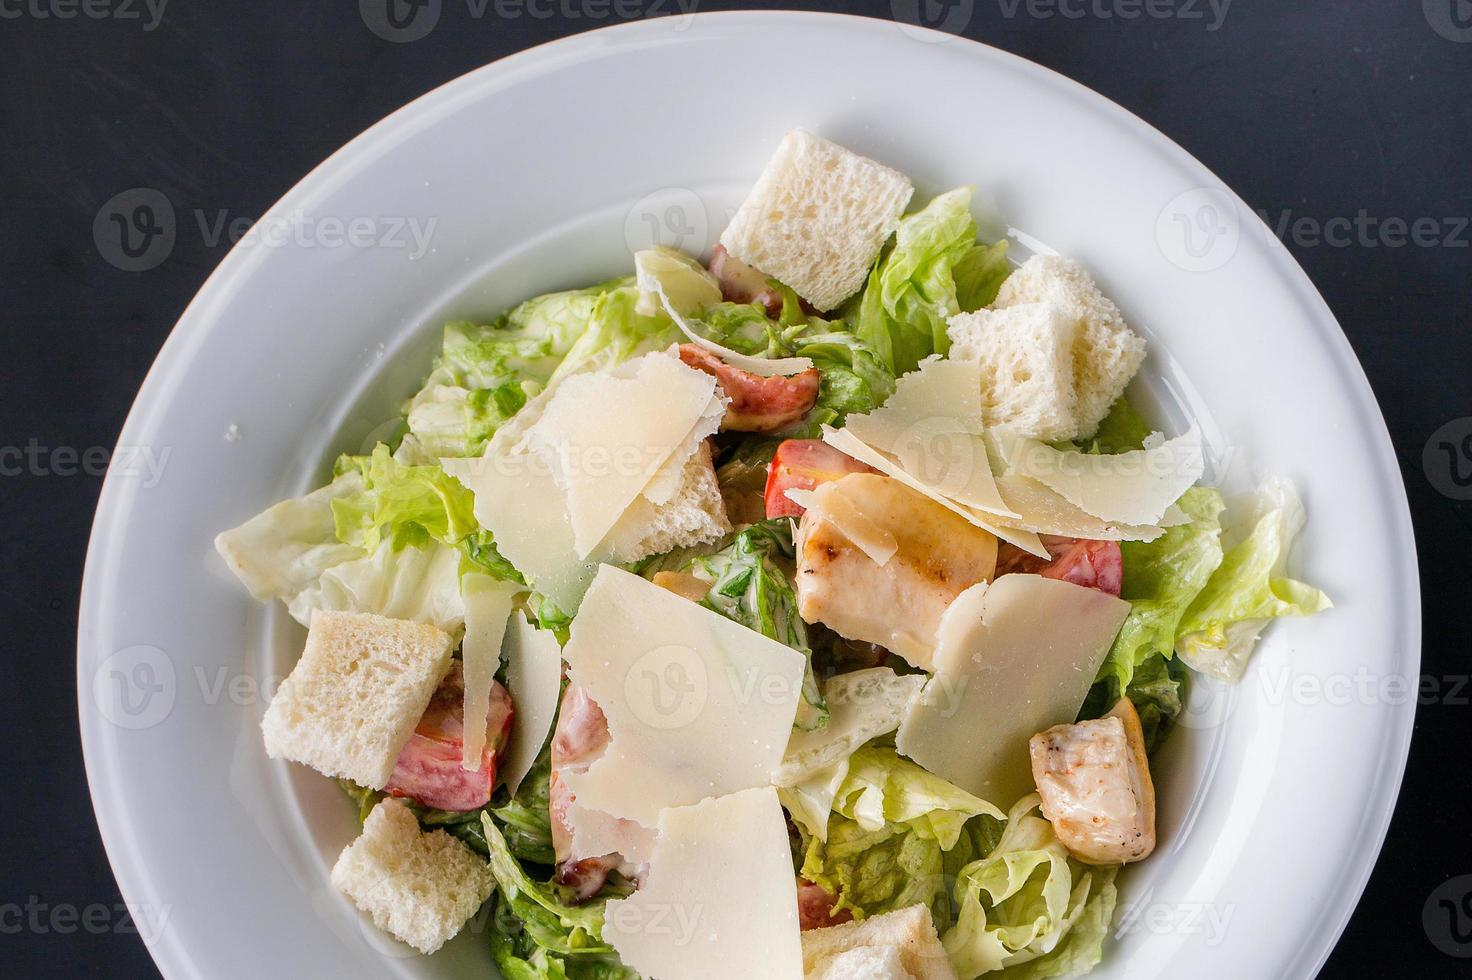 salada caesar com frango e verduras na mesa de madeira foto